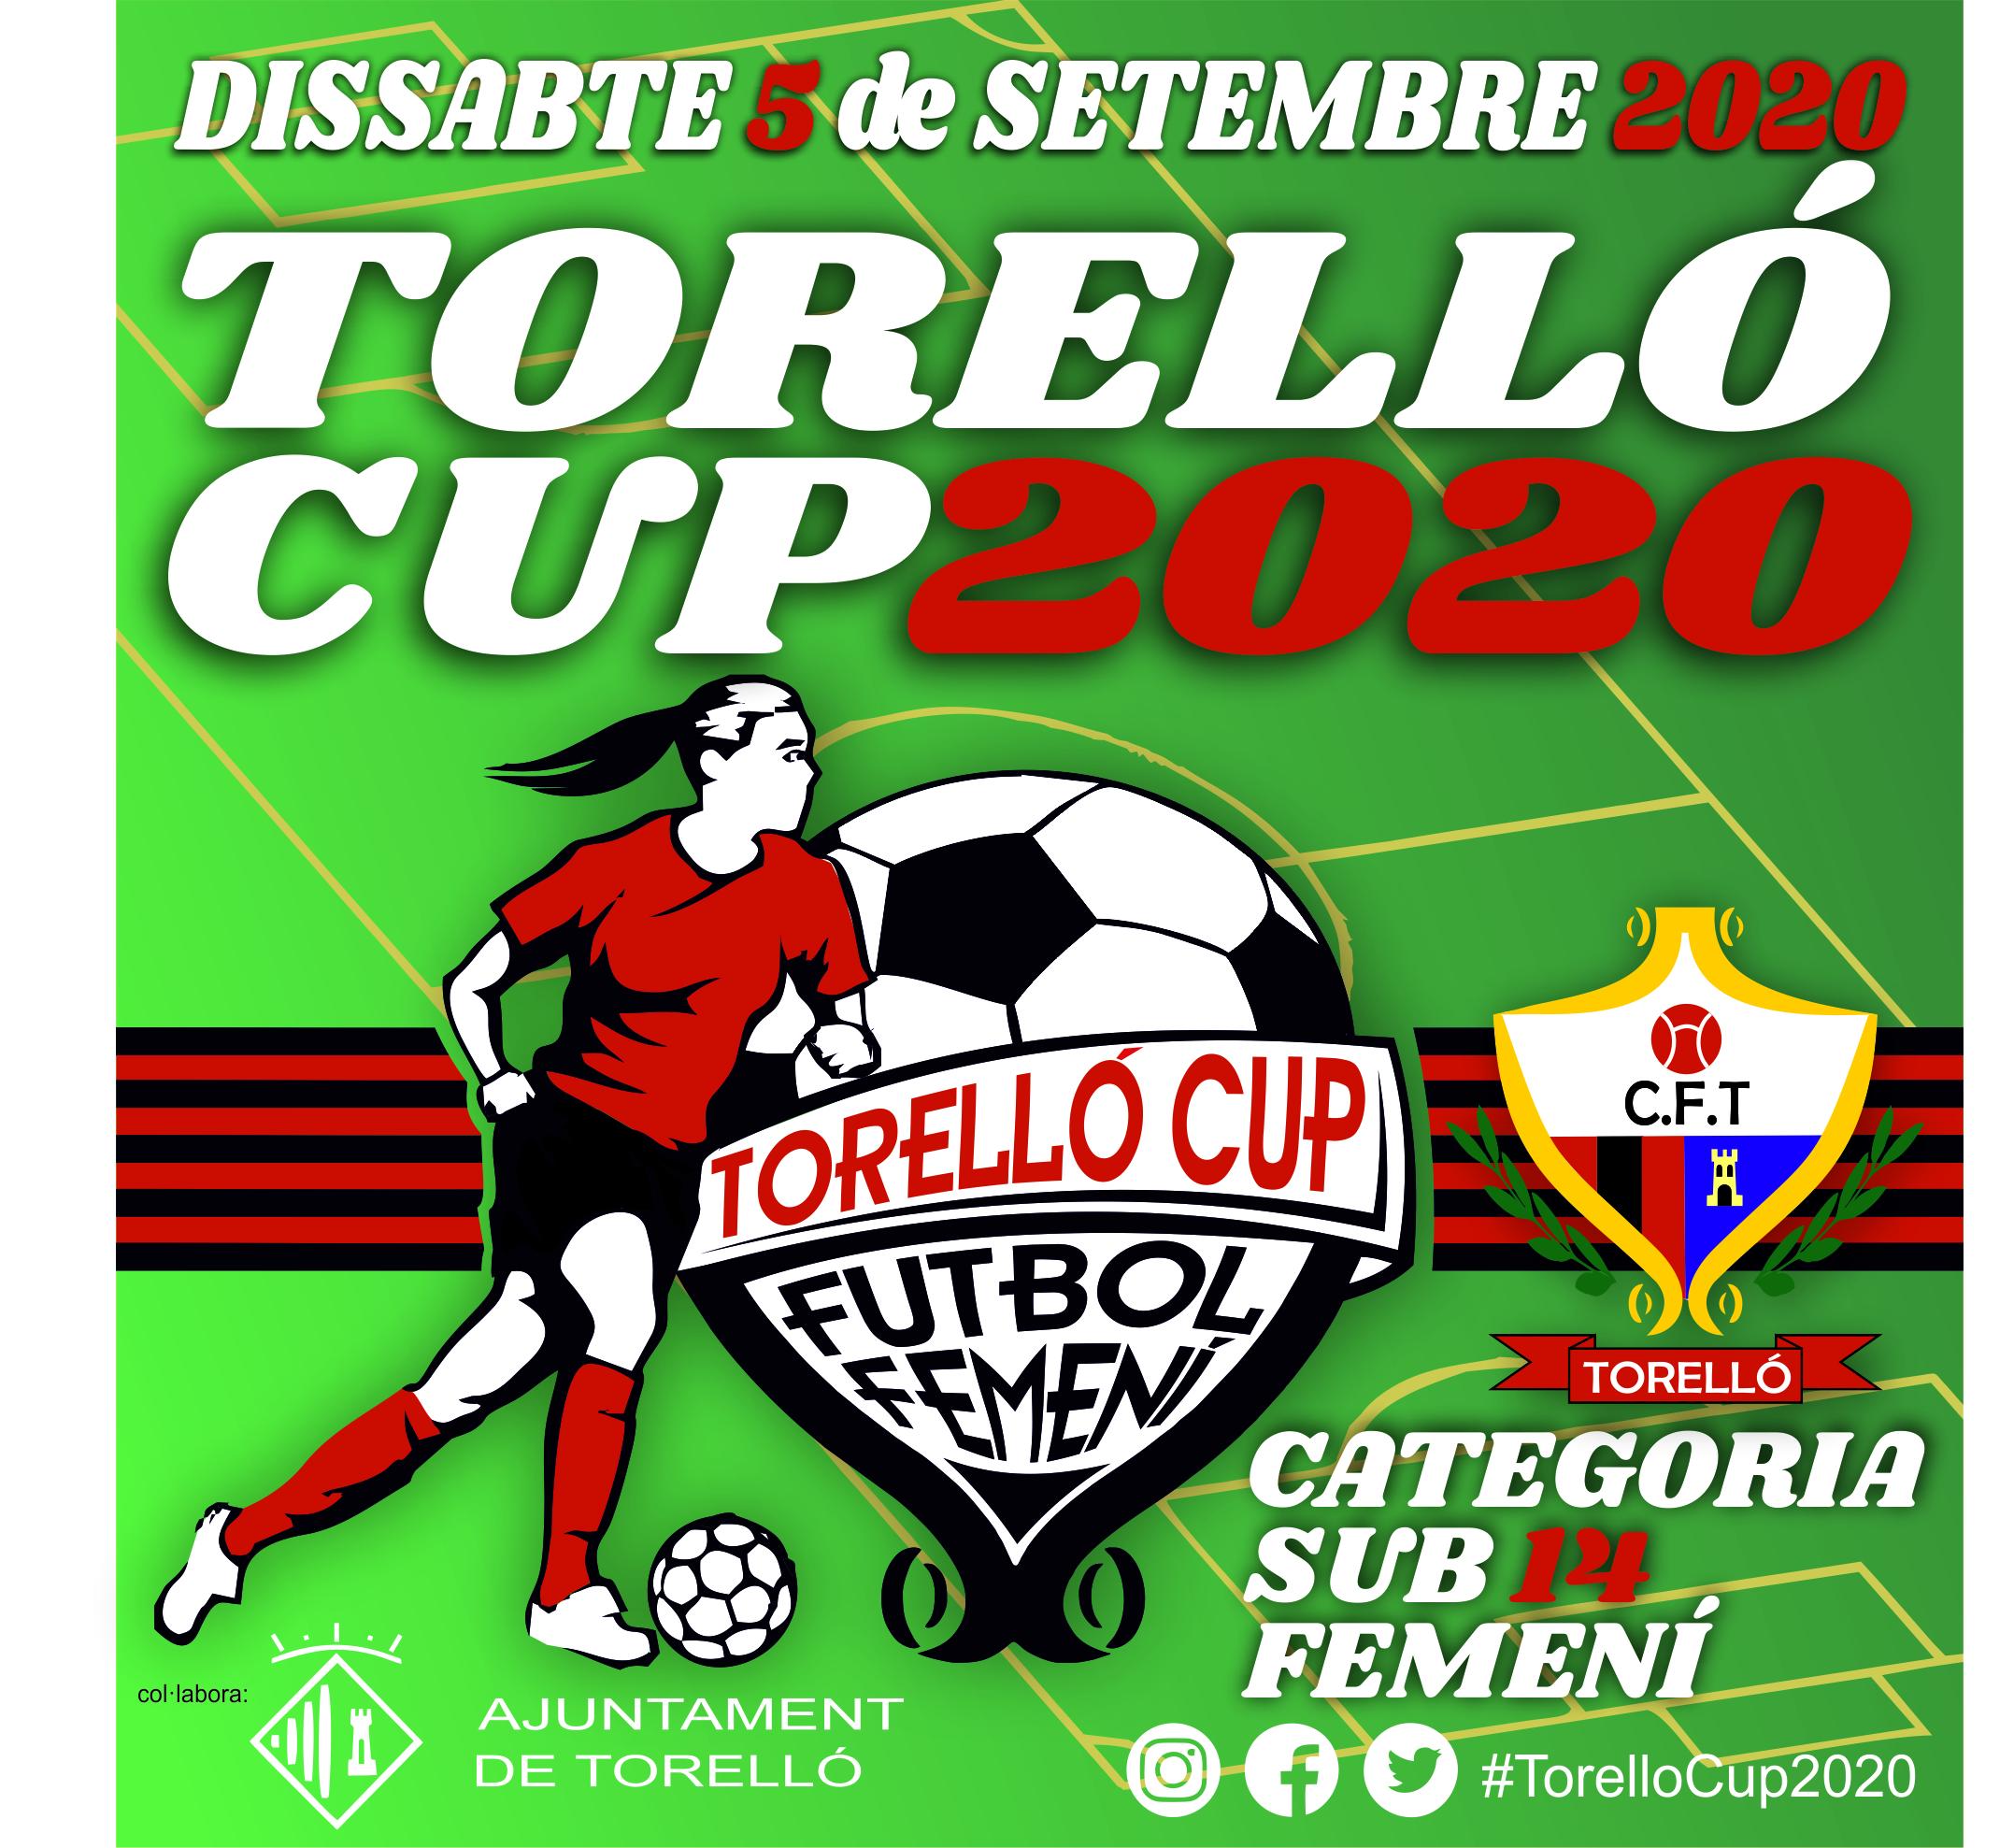 TORELLÓ CUP 2020_DIA 5 DE SETEMBRE